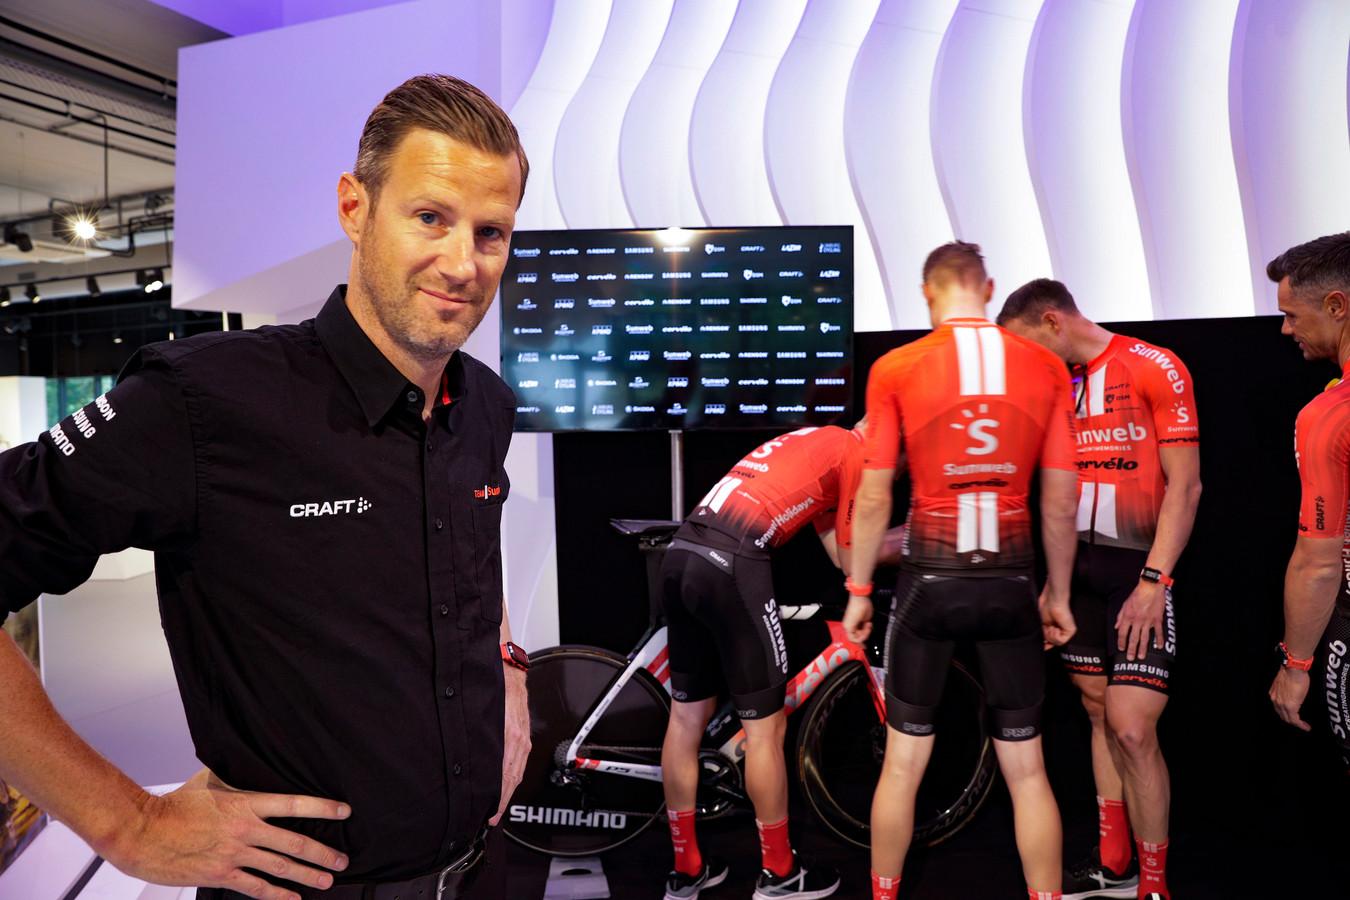 Ook ploegleider Aike Visbeek besloot te vertrekken bij Sunweb.